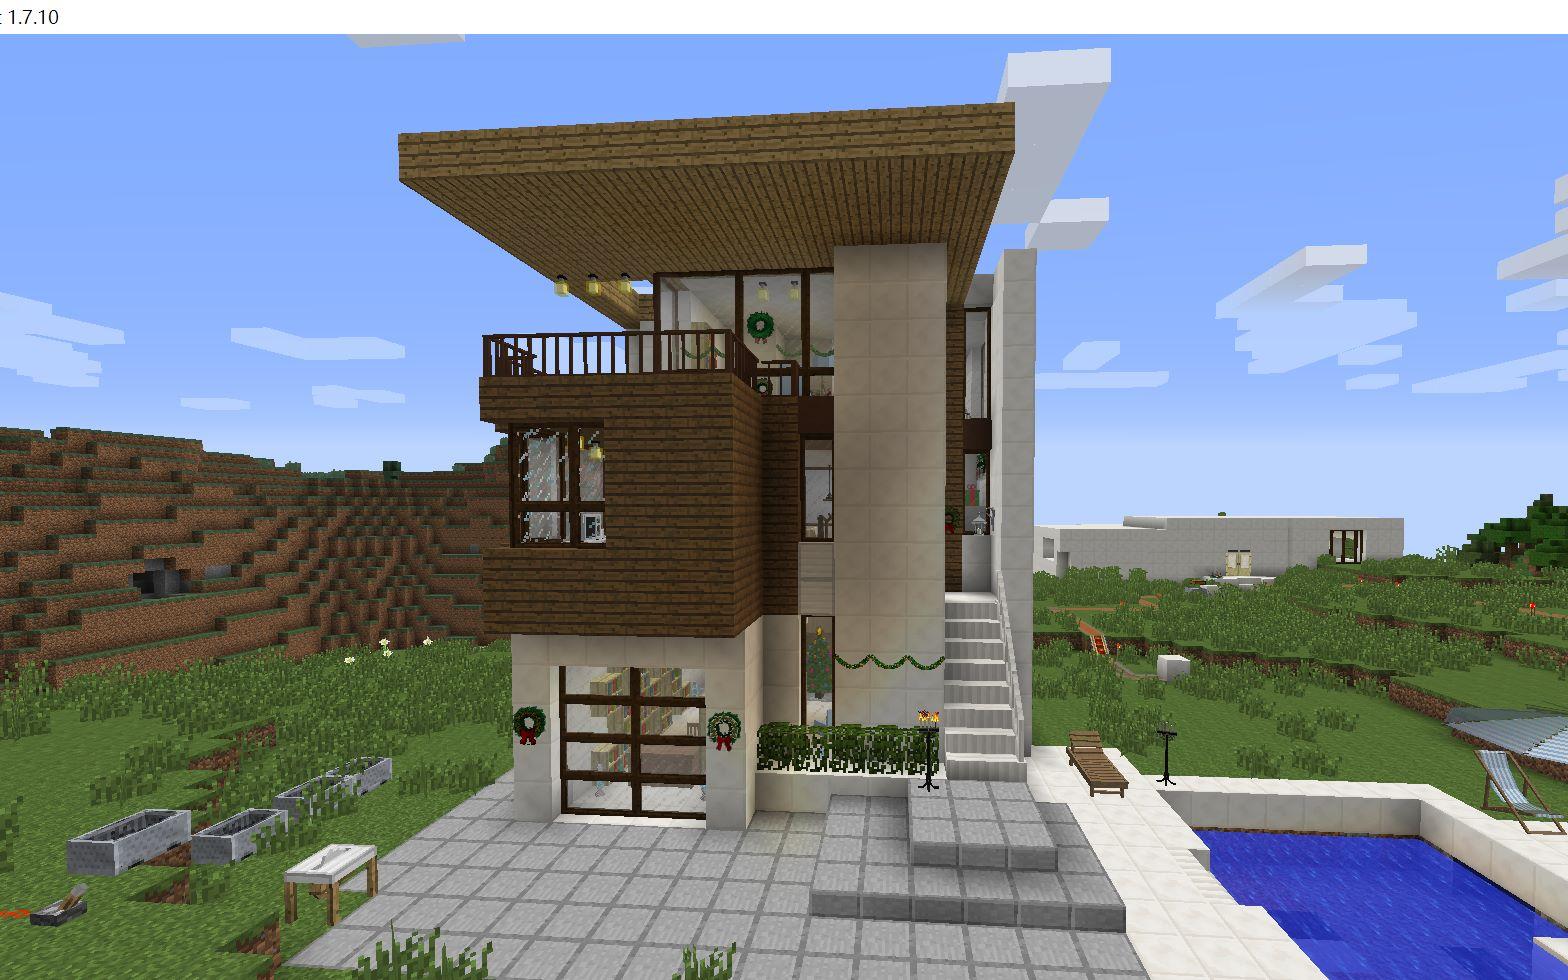 我的世界-三层现代别墅外观及内饰展示